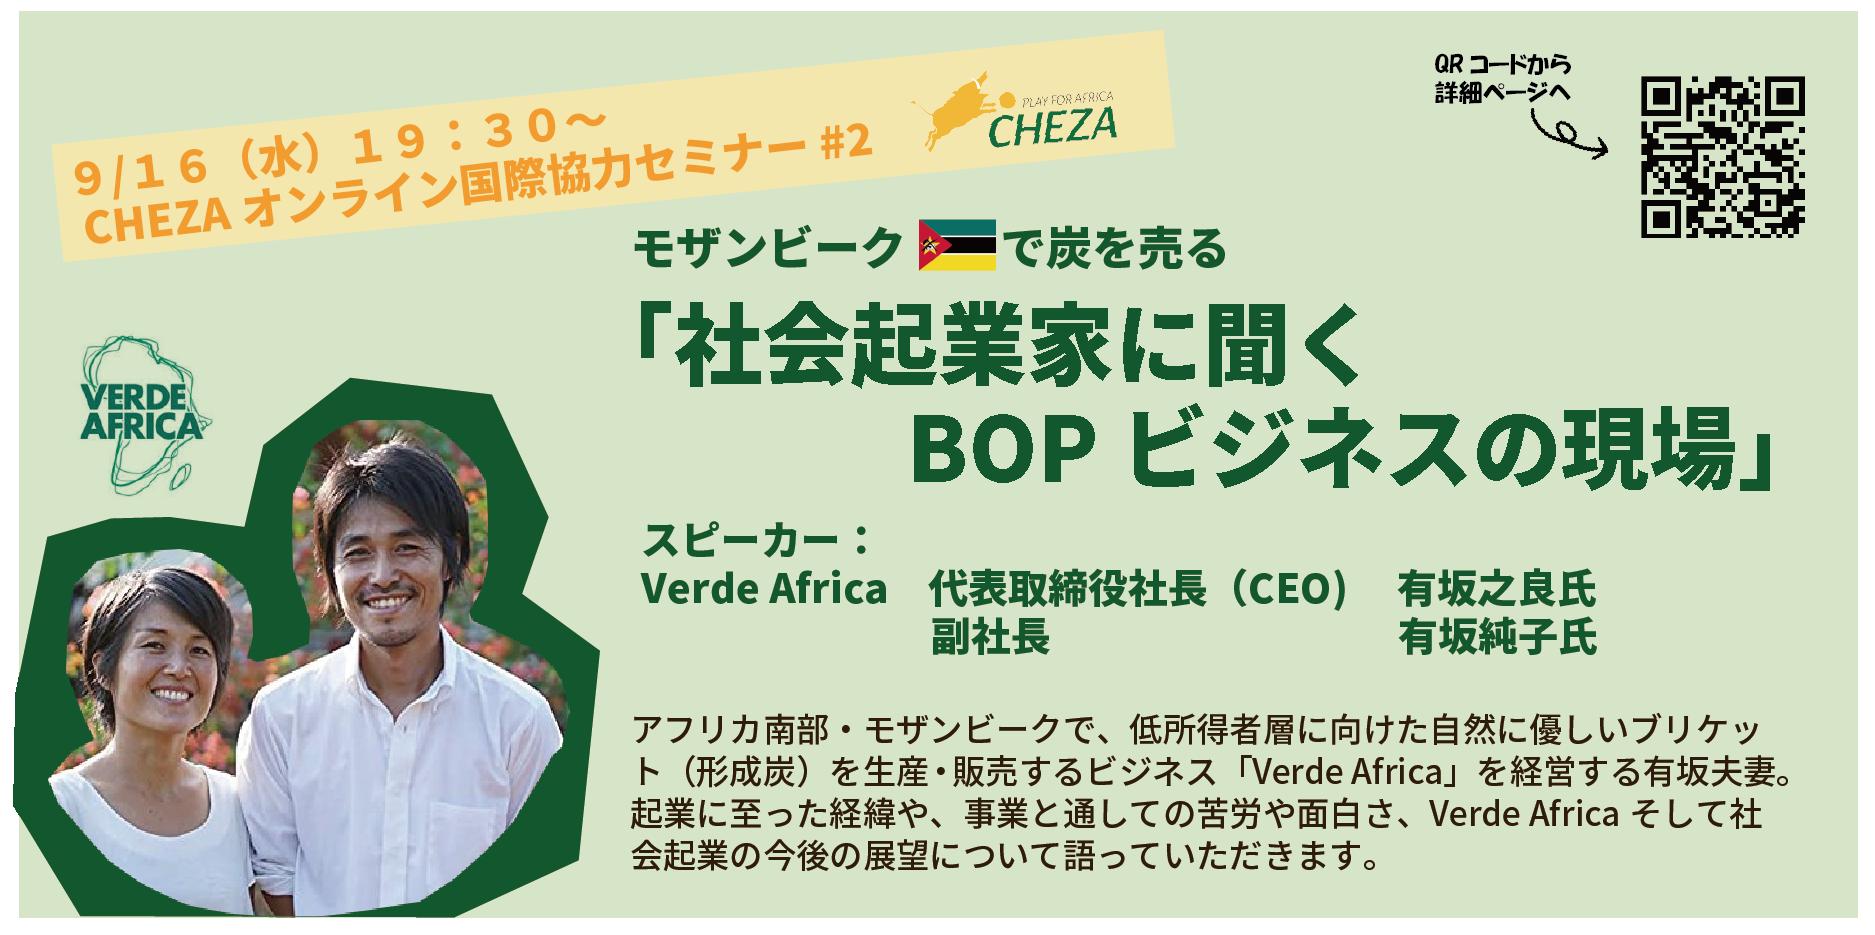 【終了しました】9月16日(水)オンライン国際協力セミナー#2「社会起業家に聞く、BOPビジネスの現場」